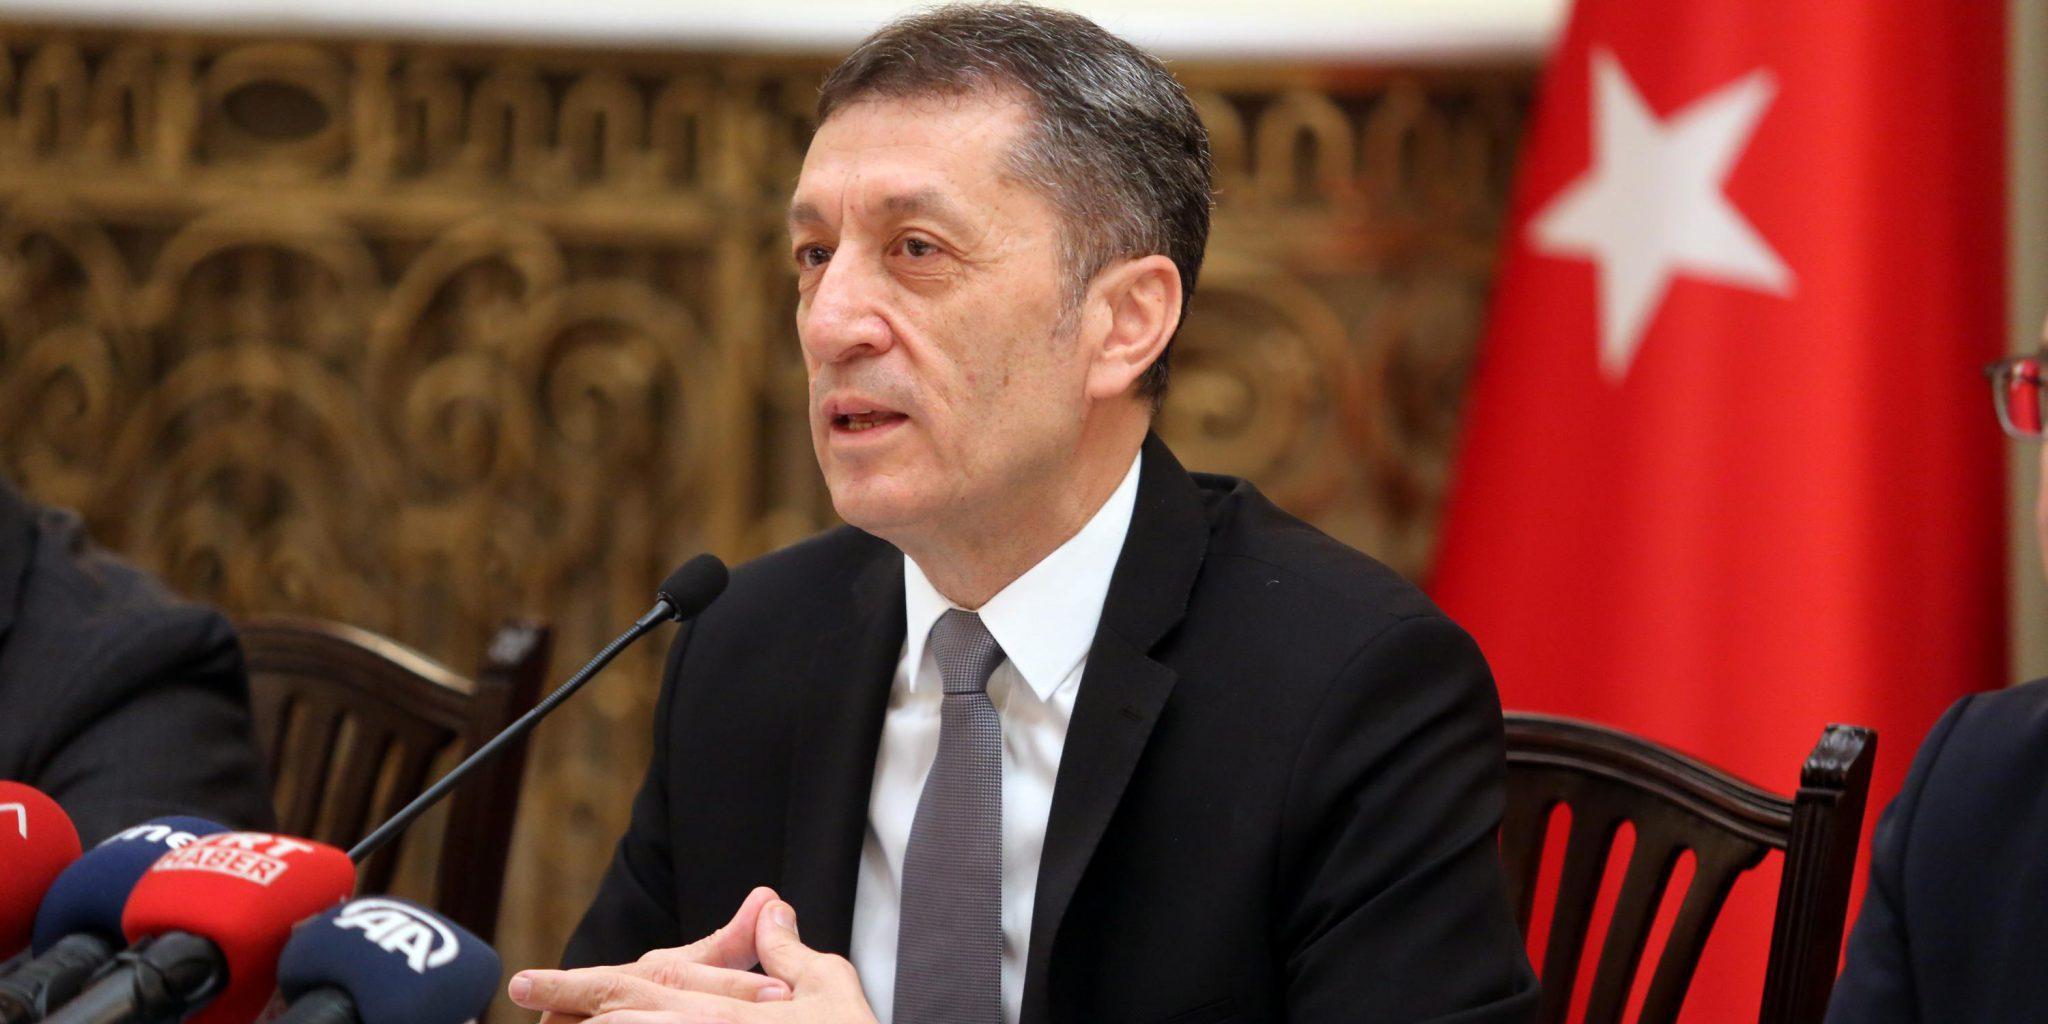 Milli Eğitim Bakanı Ziya Selçuk 24 Kasım Öğretmenler Günü için bir mesaj yayımladı.